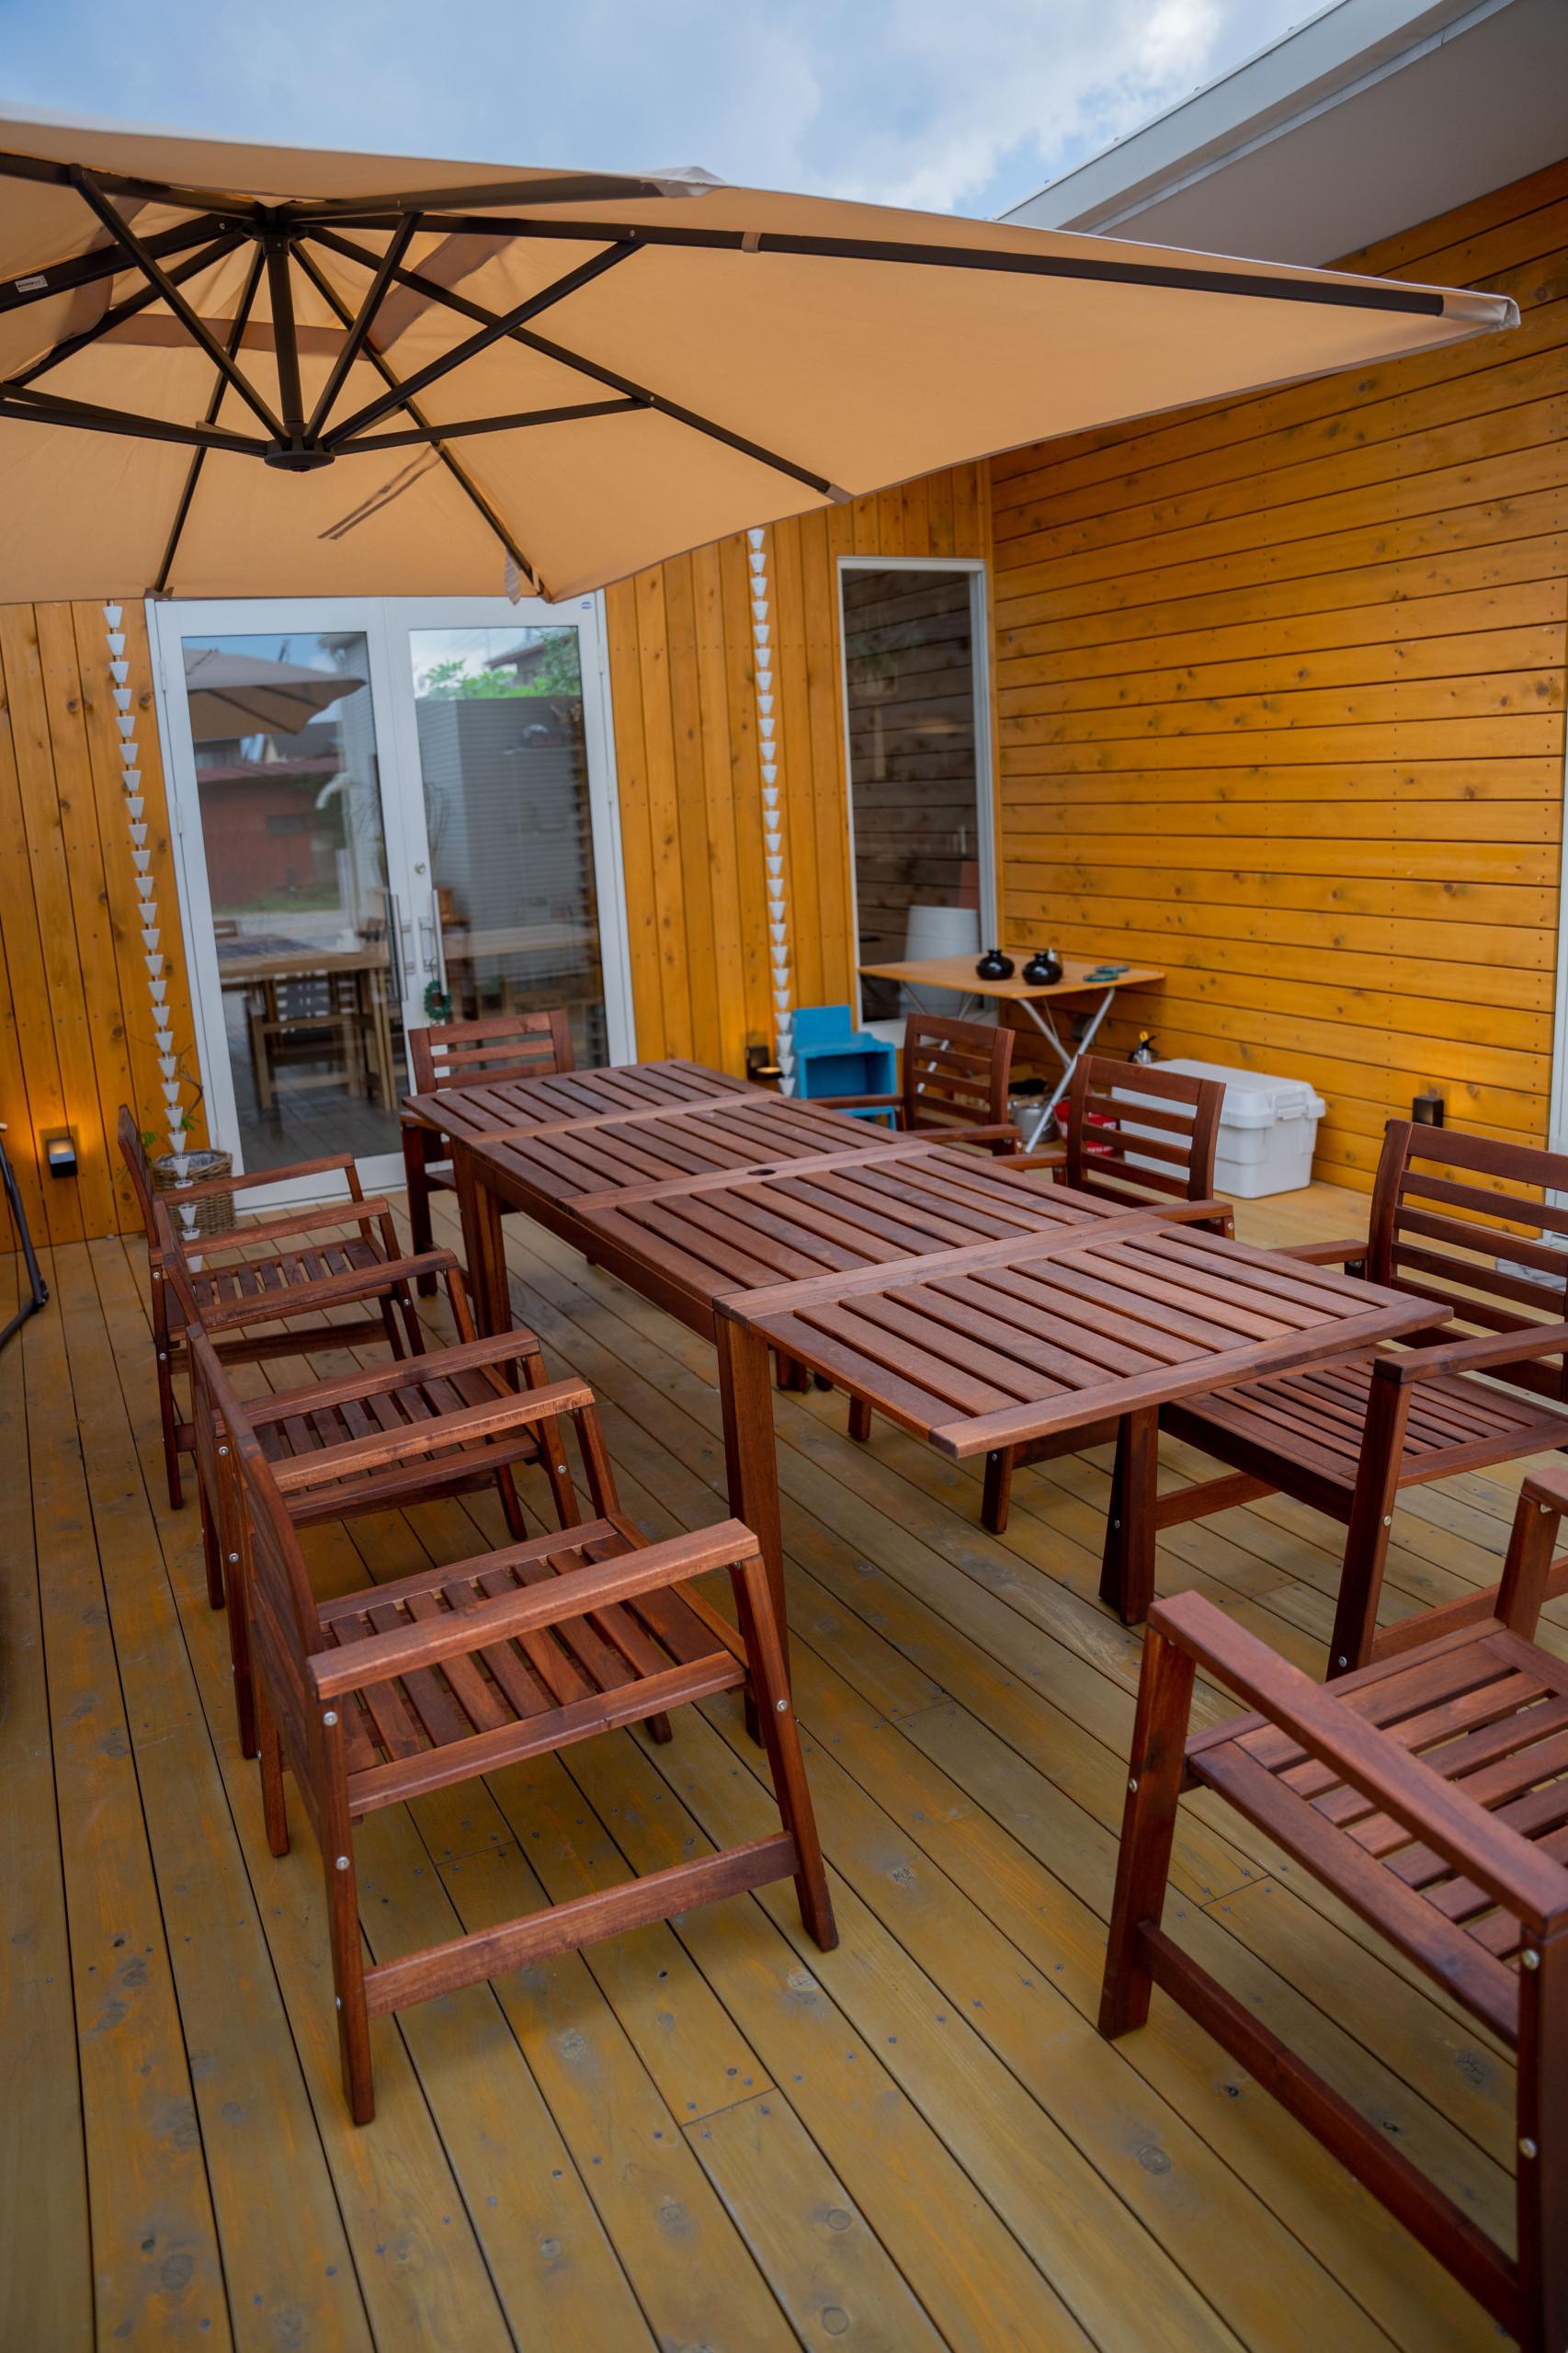 木材の表情を楽しむイケア製のテーブル・チェア&紫外線98%以上カットのイケア製のハンギングパラソル